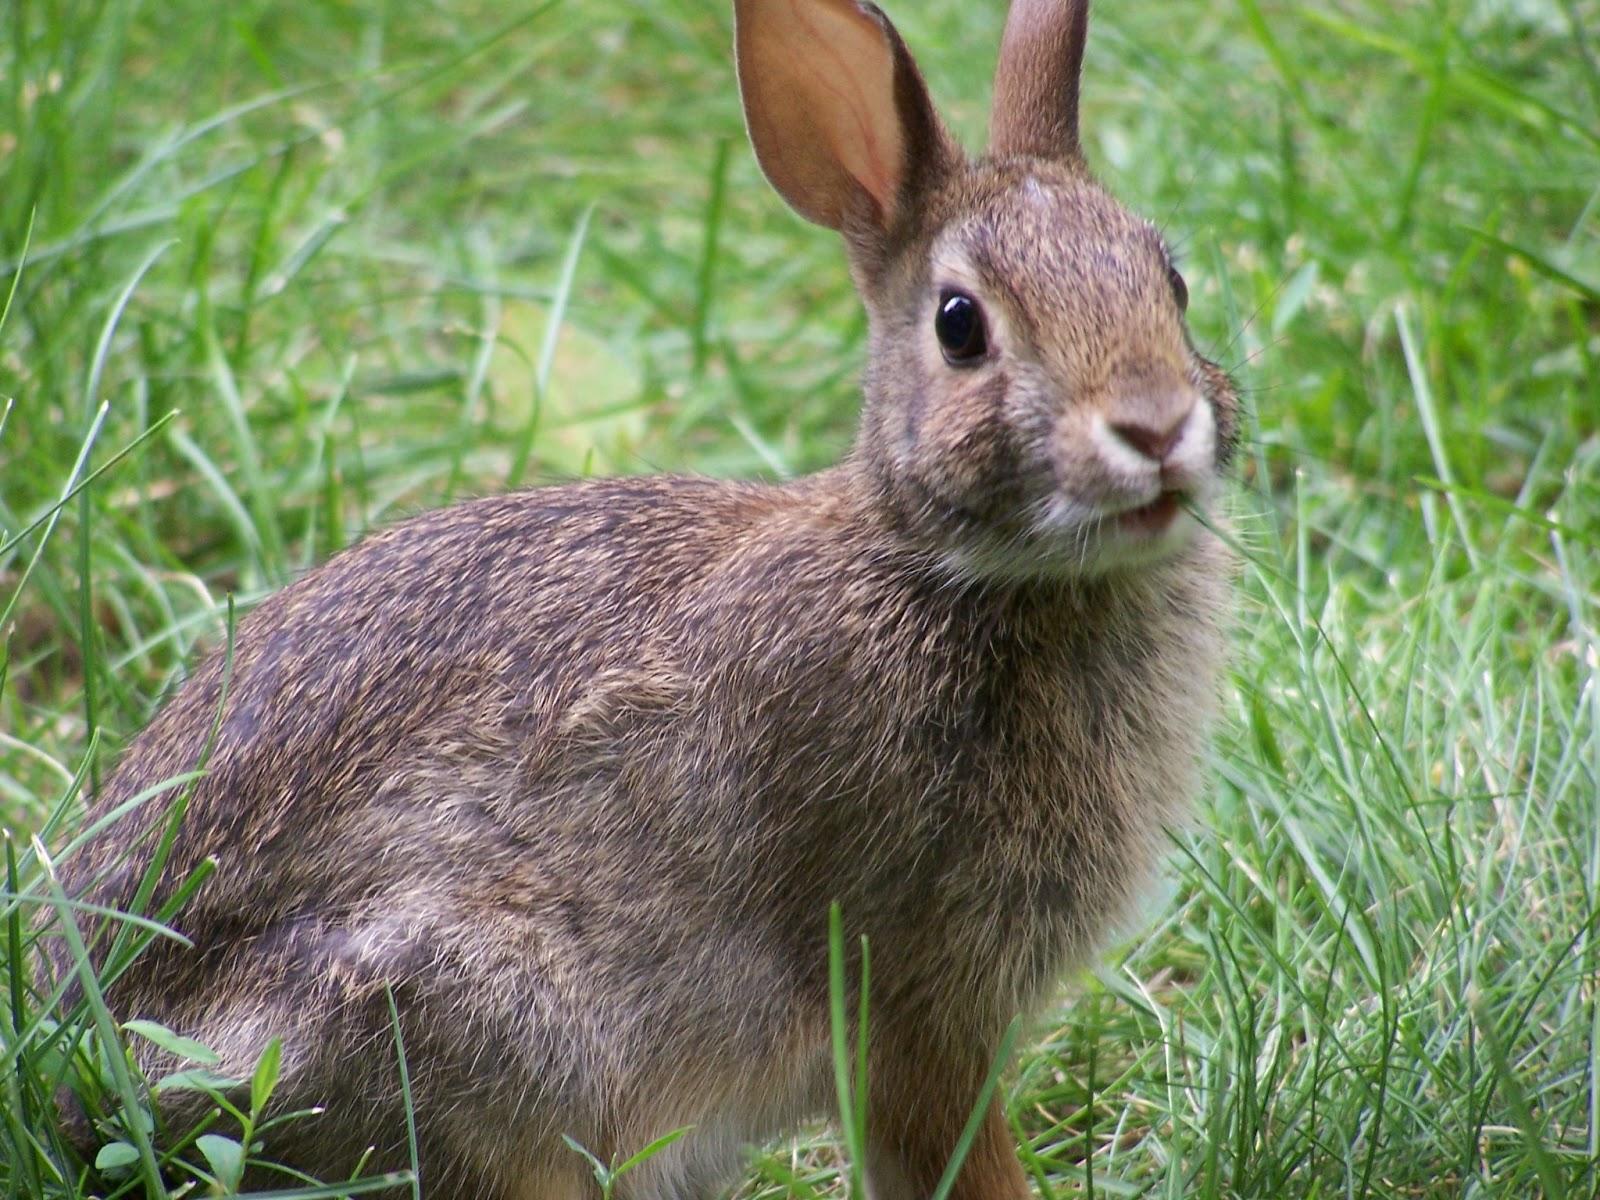 The Rabbit | The Wildlife